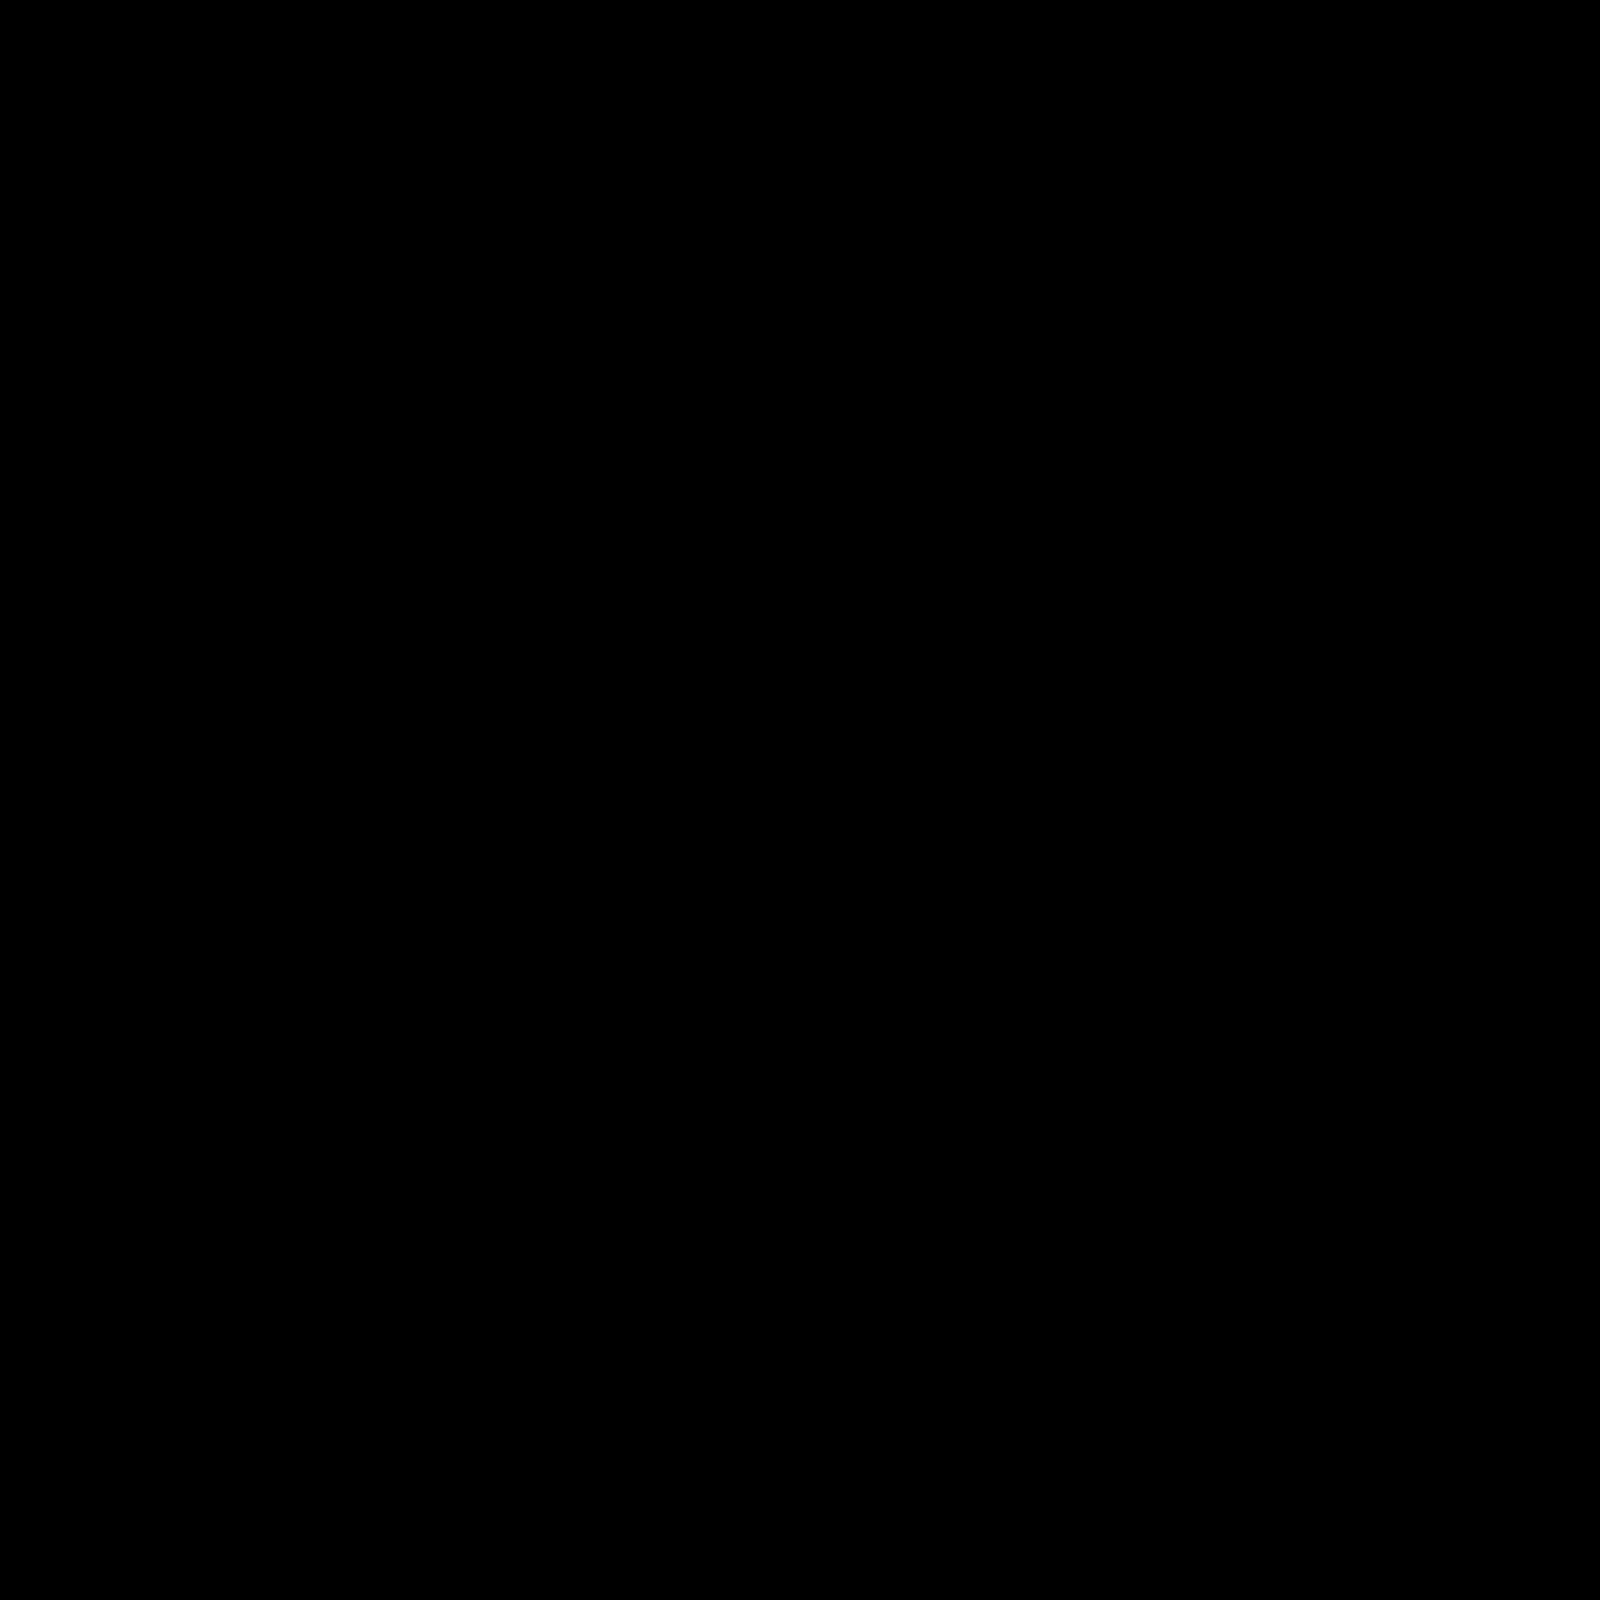 ピラミッド icon. It's a logo of an equilateral triangle. Slightly tucked behind it on the right side is another equilateral triangle of slightly smaller size.